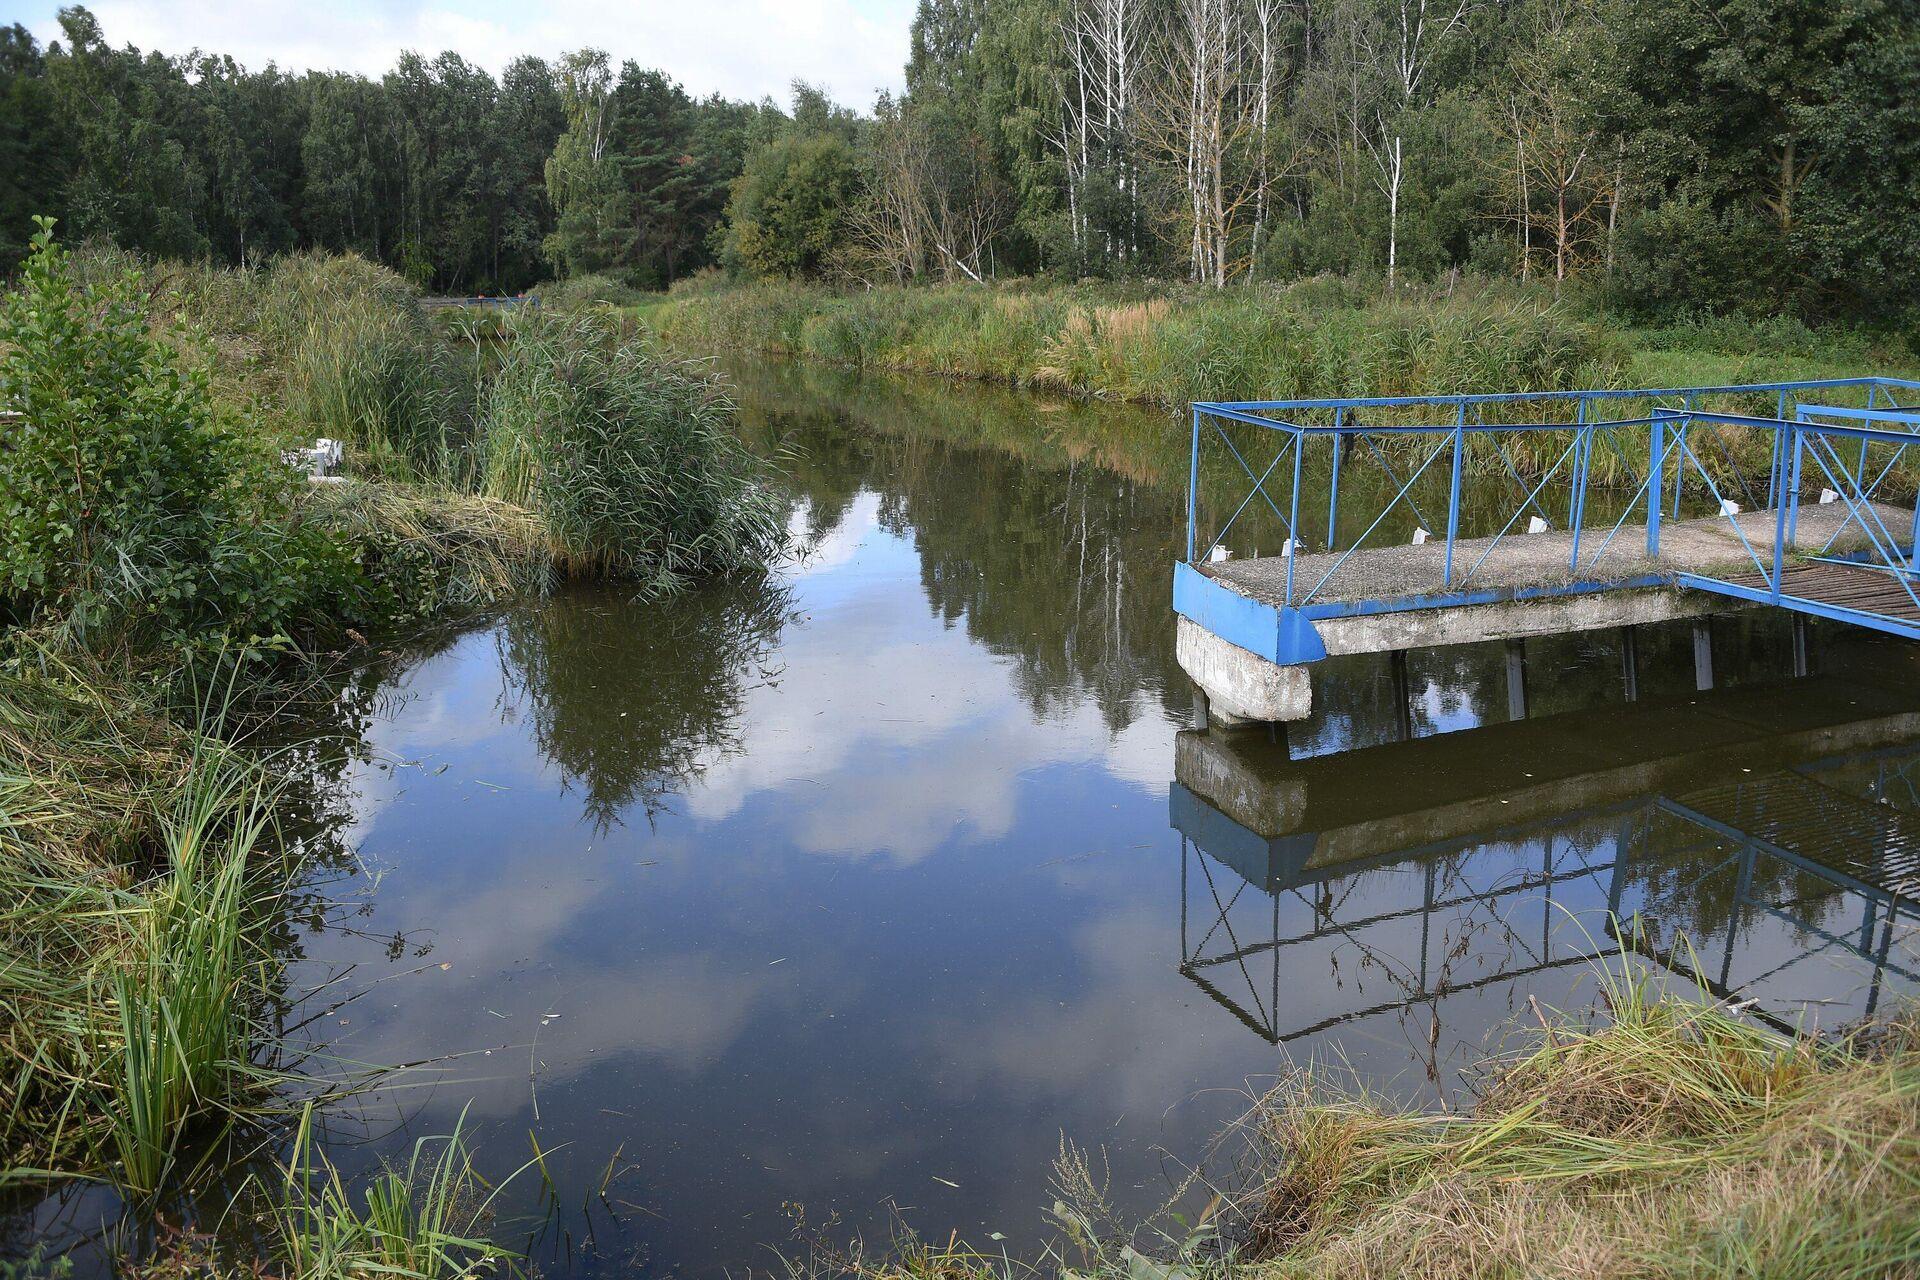 Естественный водоем здесь ниже искусственных, приходится каждый месяц делать перекачку воды - Sputnik Беларусь, 1920, 08.09.2021